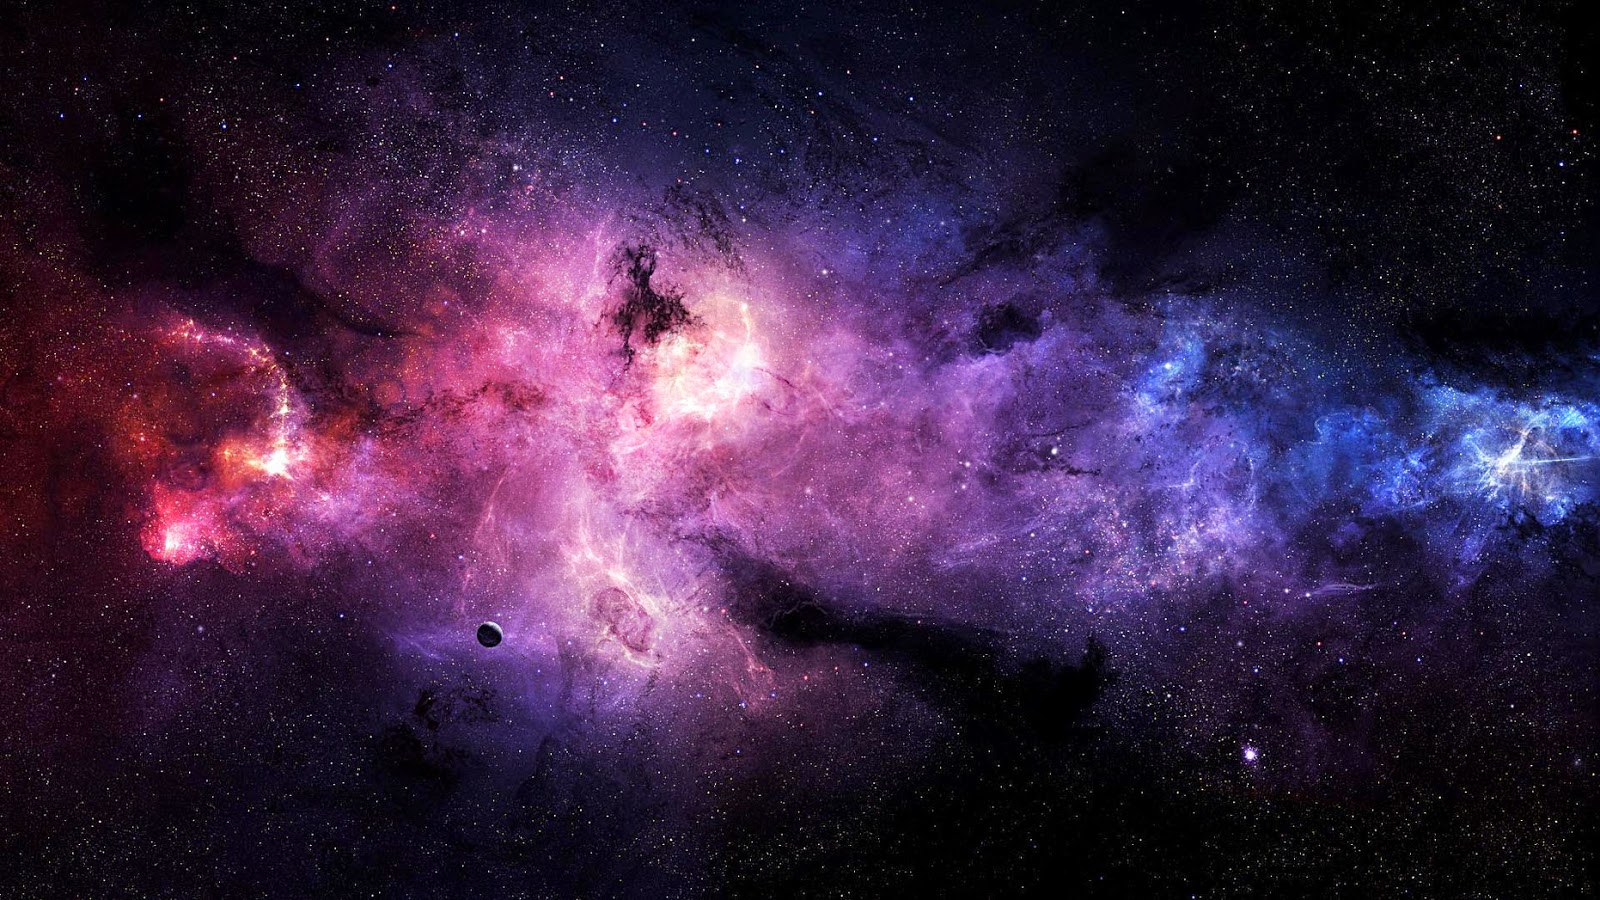 フルhd壁紙銀河 ギャラクシーノート3壁紙hd 1080p 1600x900 Wallpapertip